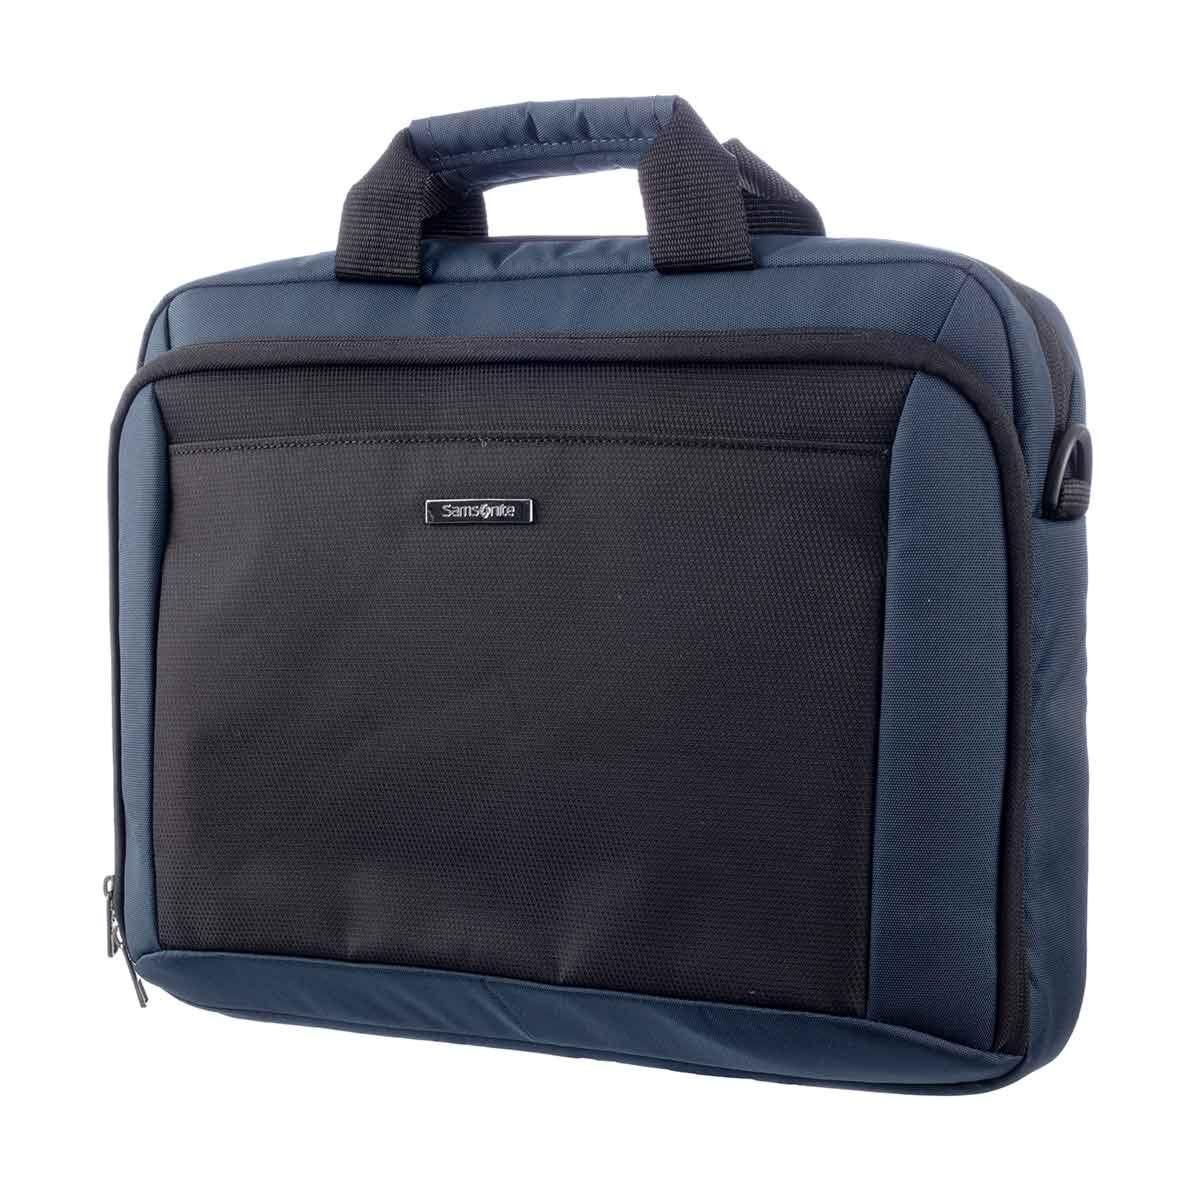 Samsonite GuardIT 2.0 Bailhandle Laptop Bag 16-inch